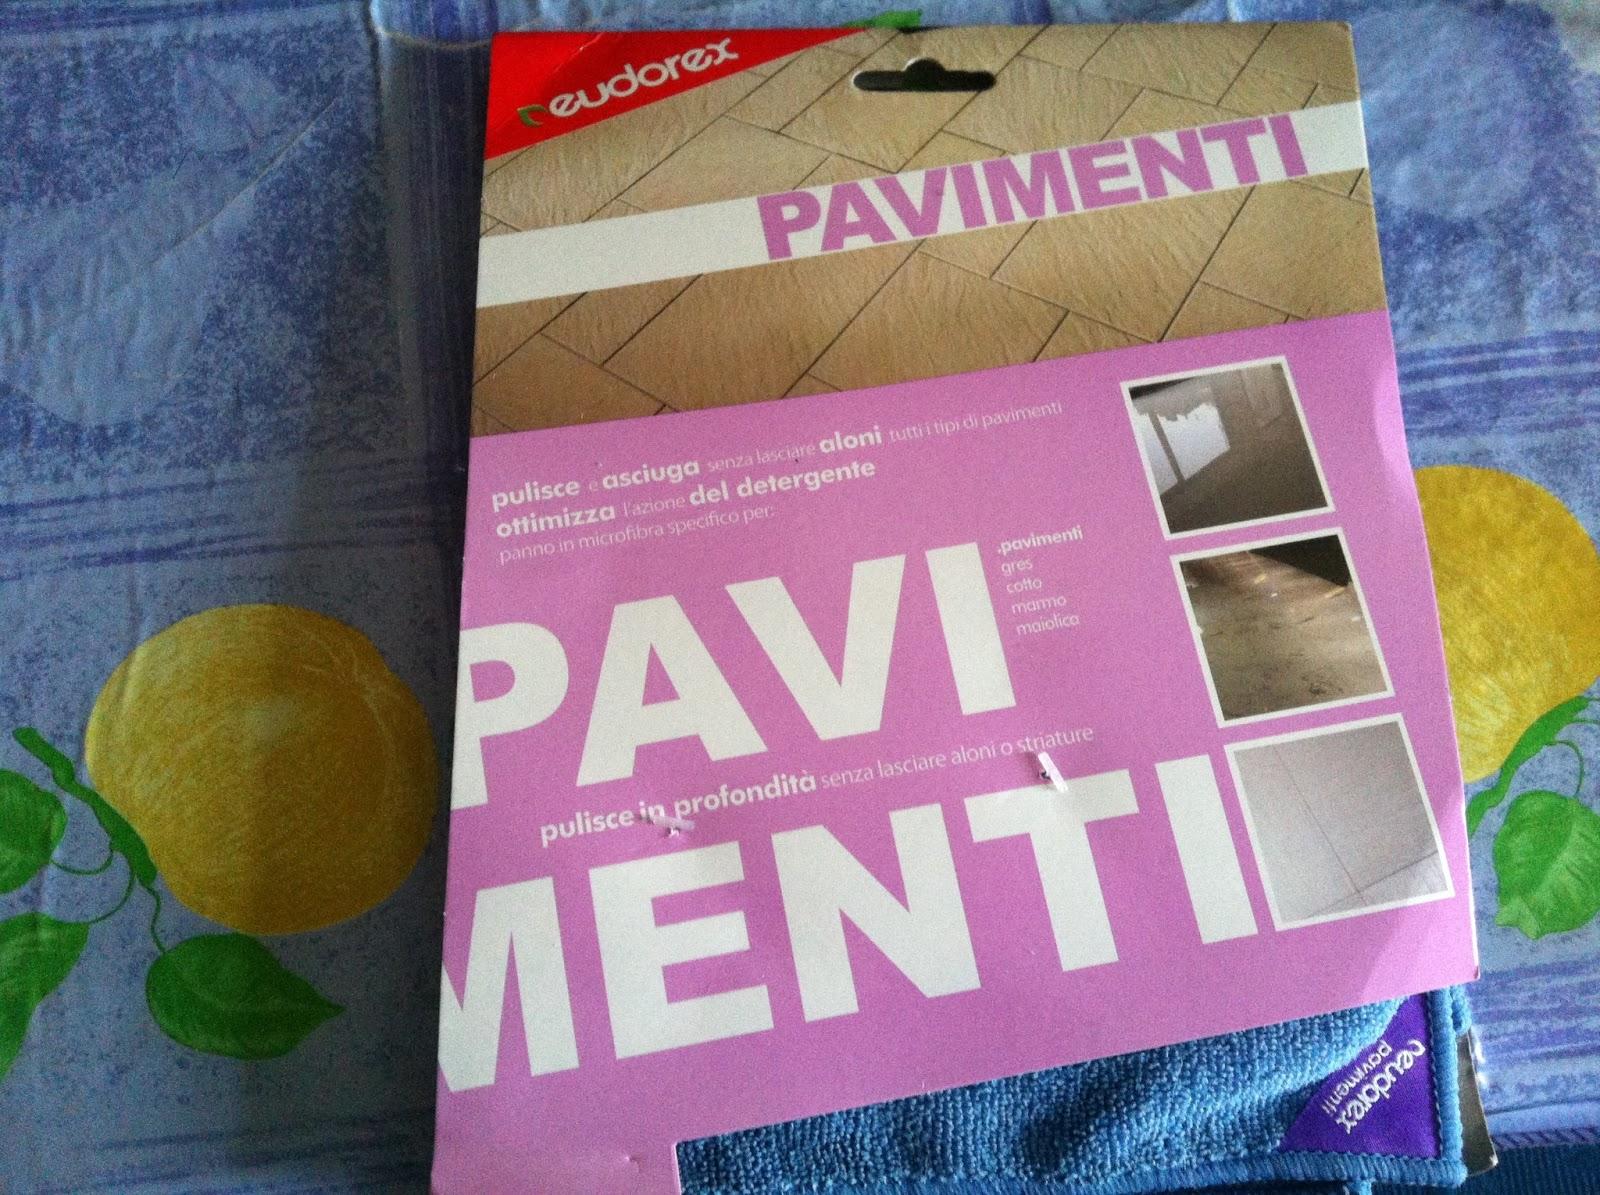 piastrelle con calcare: mattonelle e pavimenti bagno in gres ... - Pulire Piastrelle Con Calcare